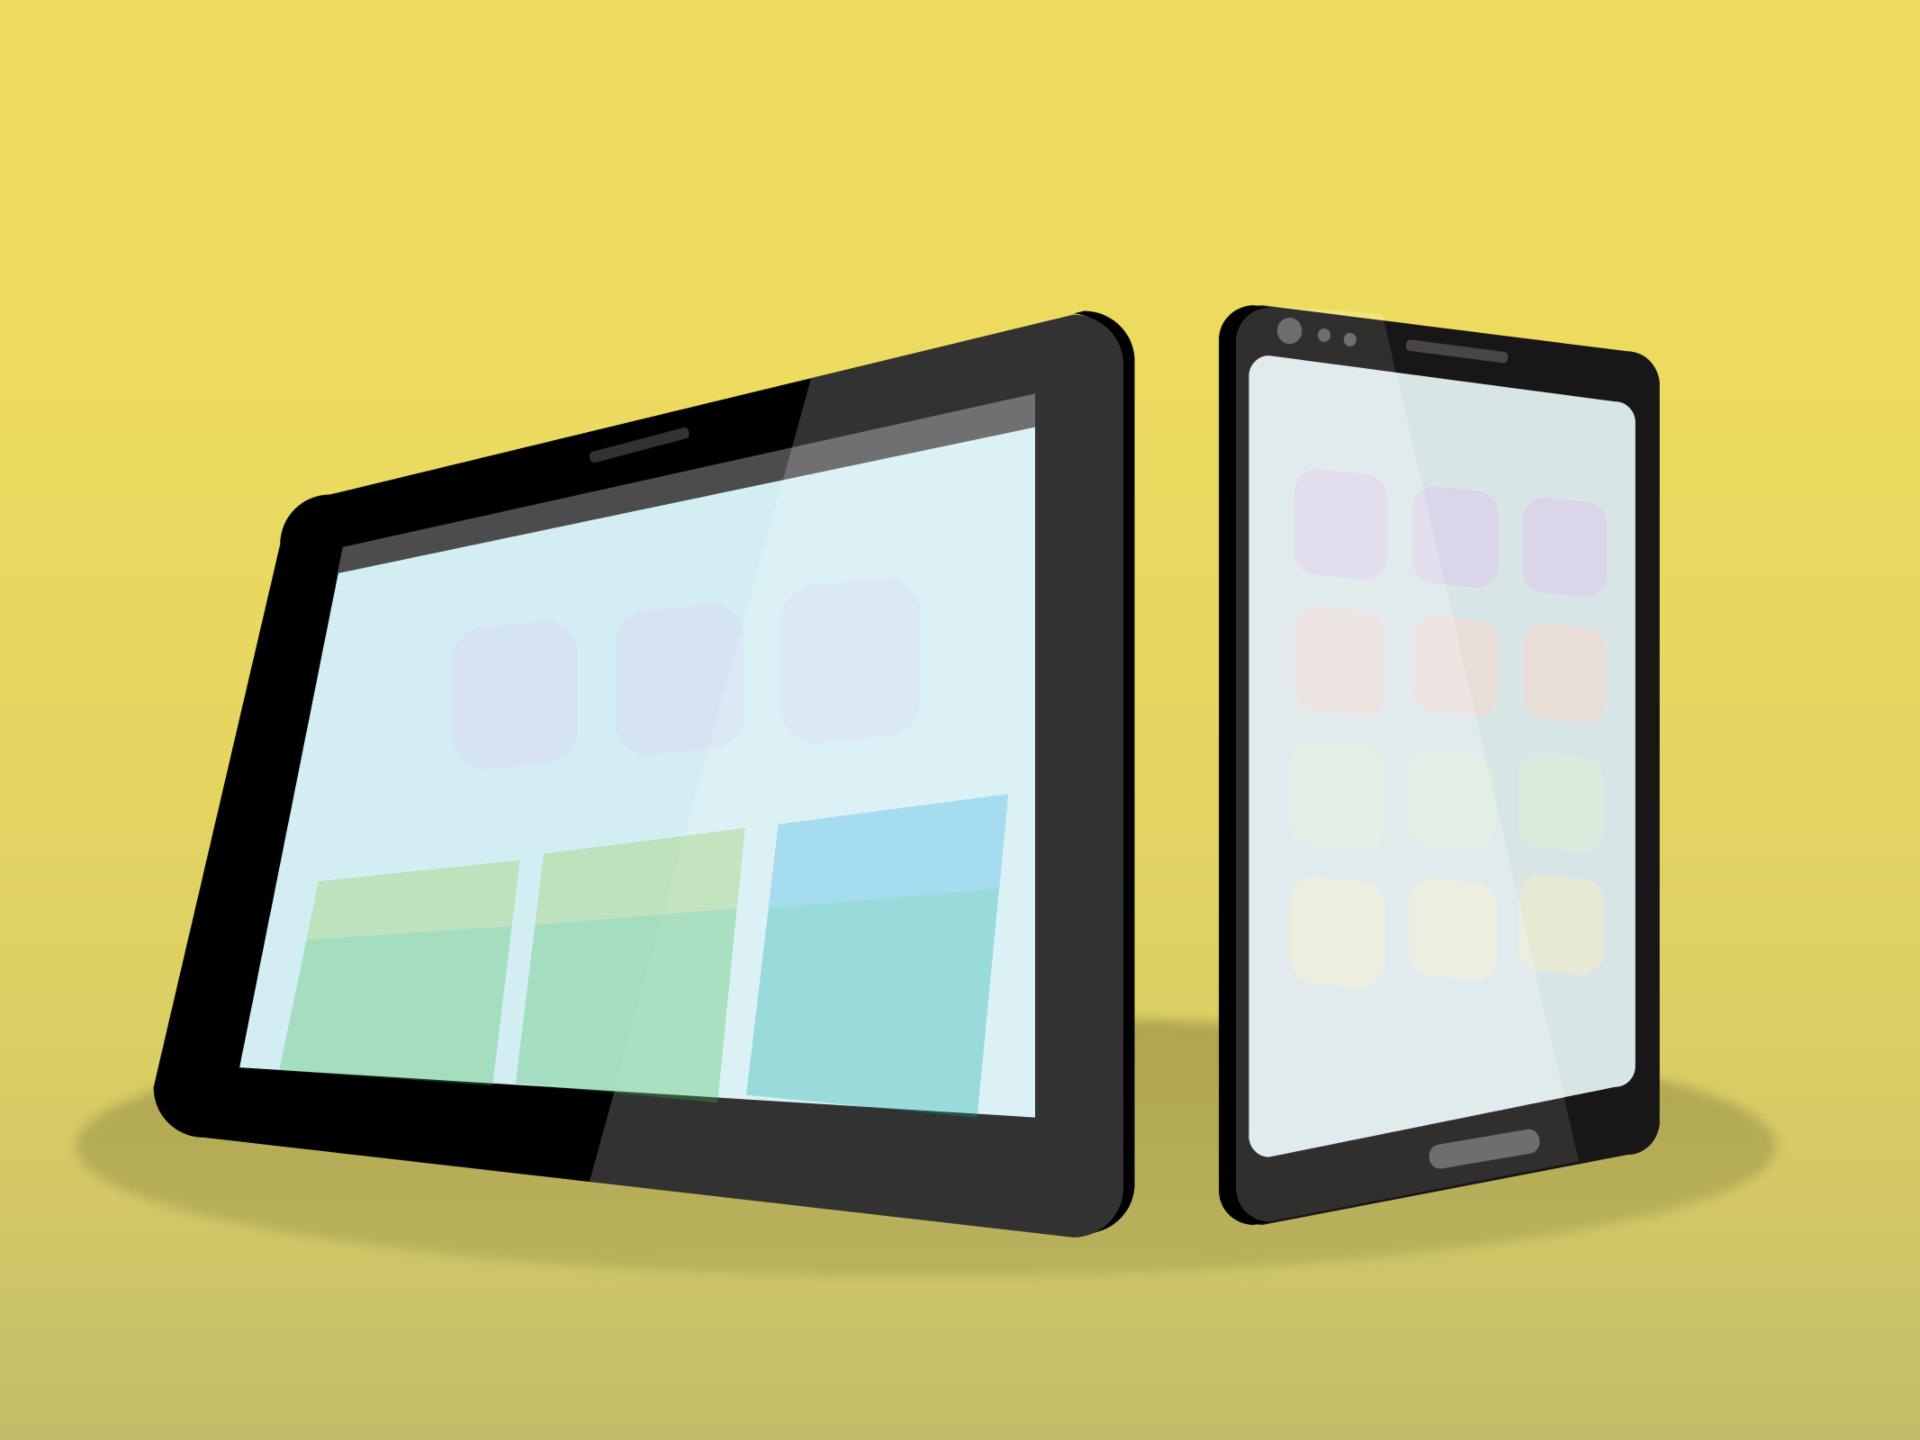 Tablet o tableta y smartphone o teléfono inteligente.